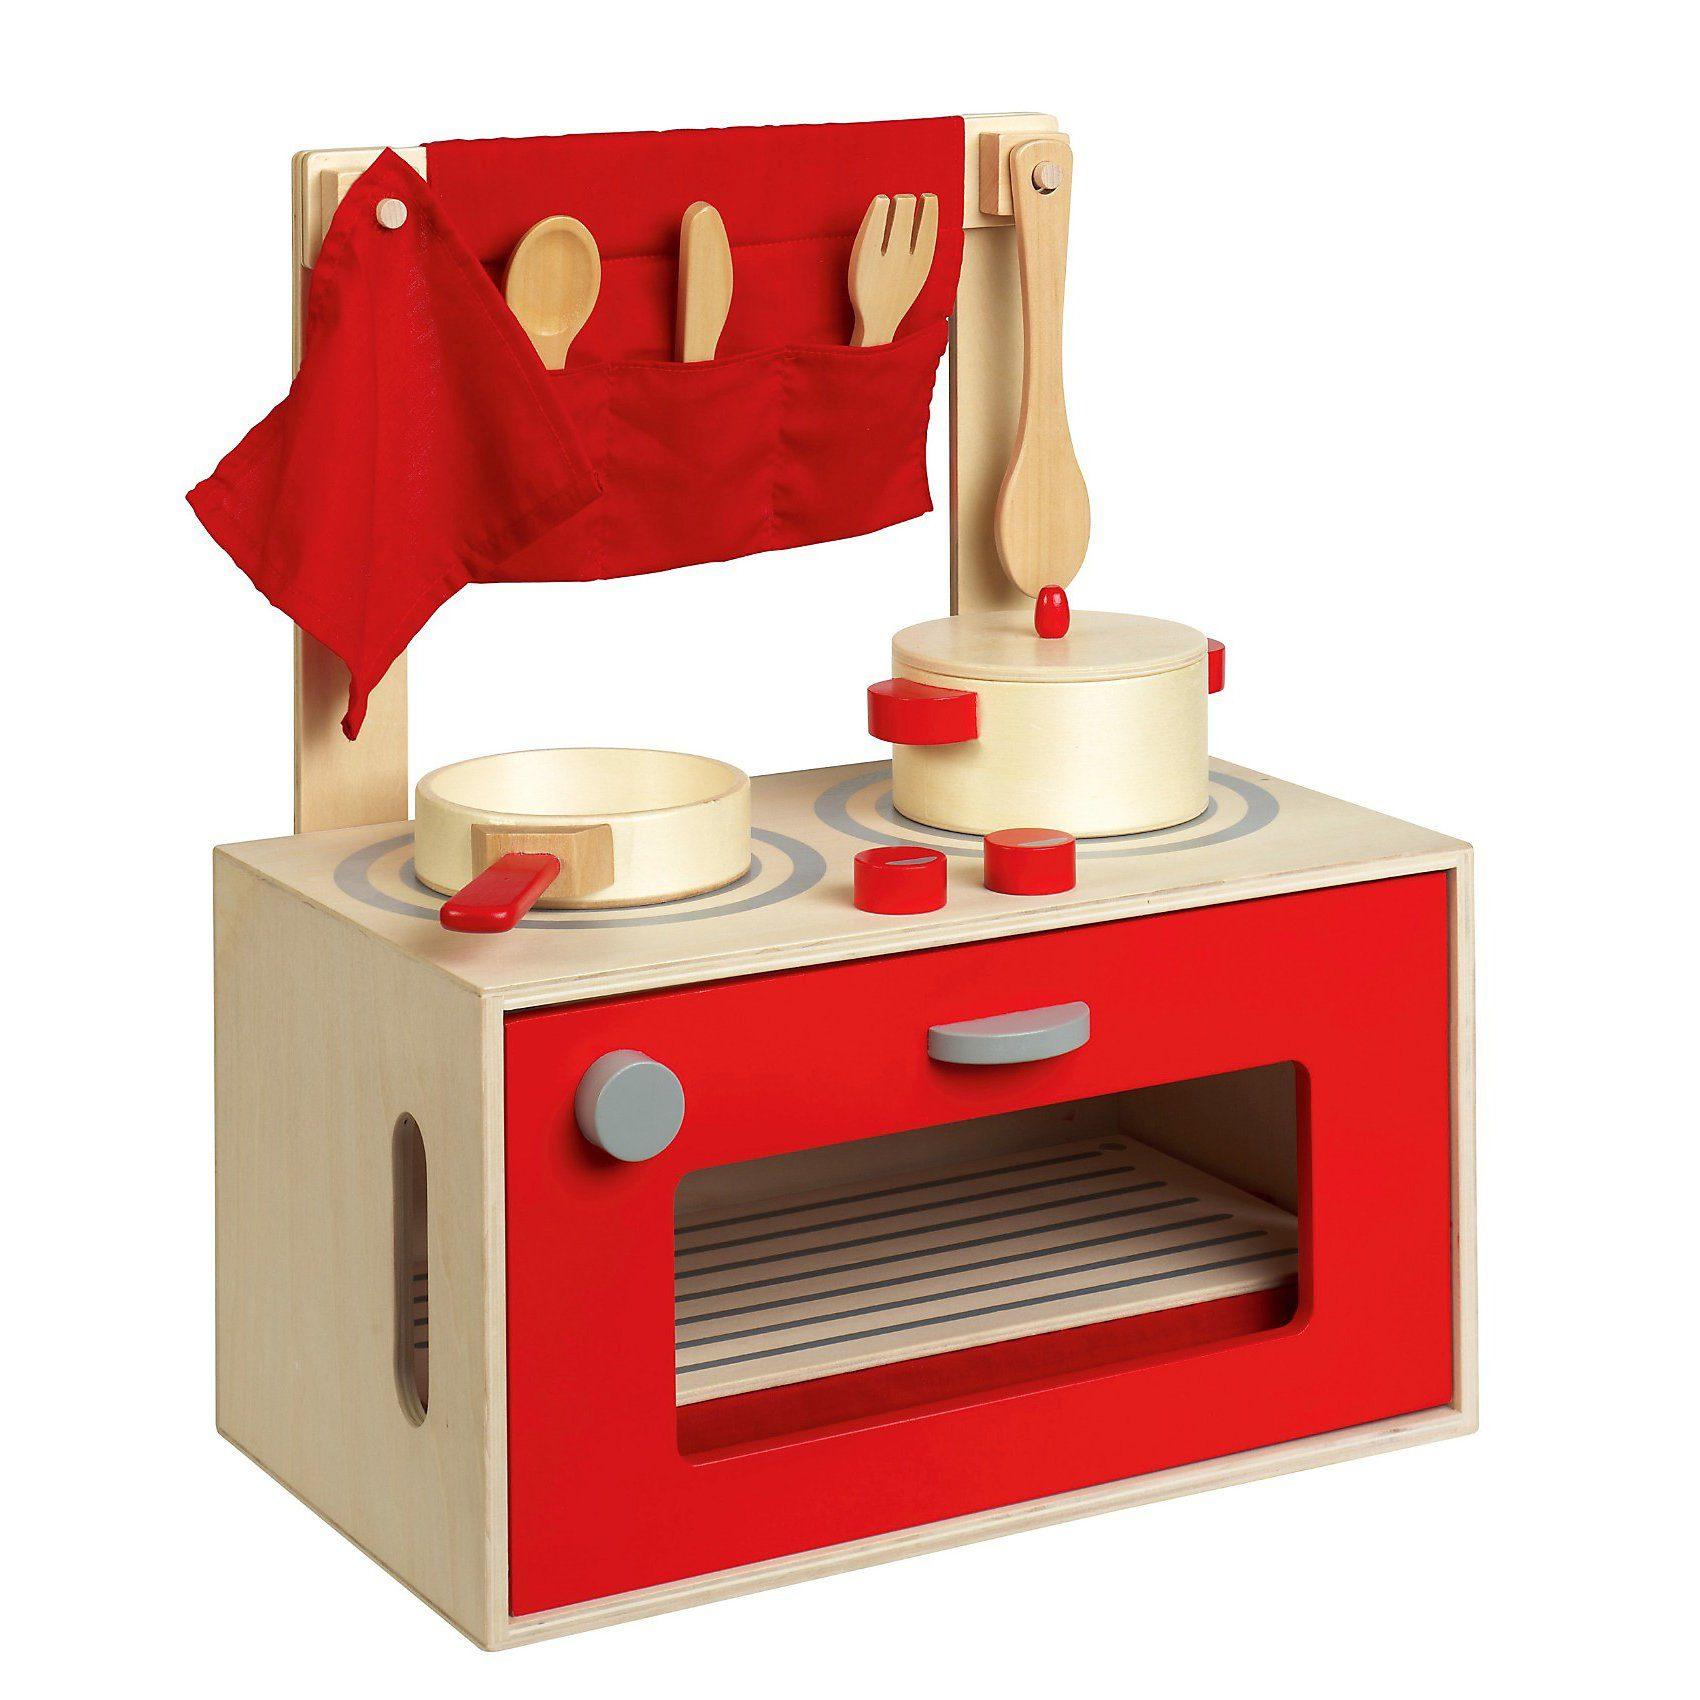 KUKY Holzküche Mini